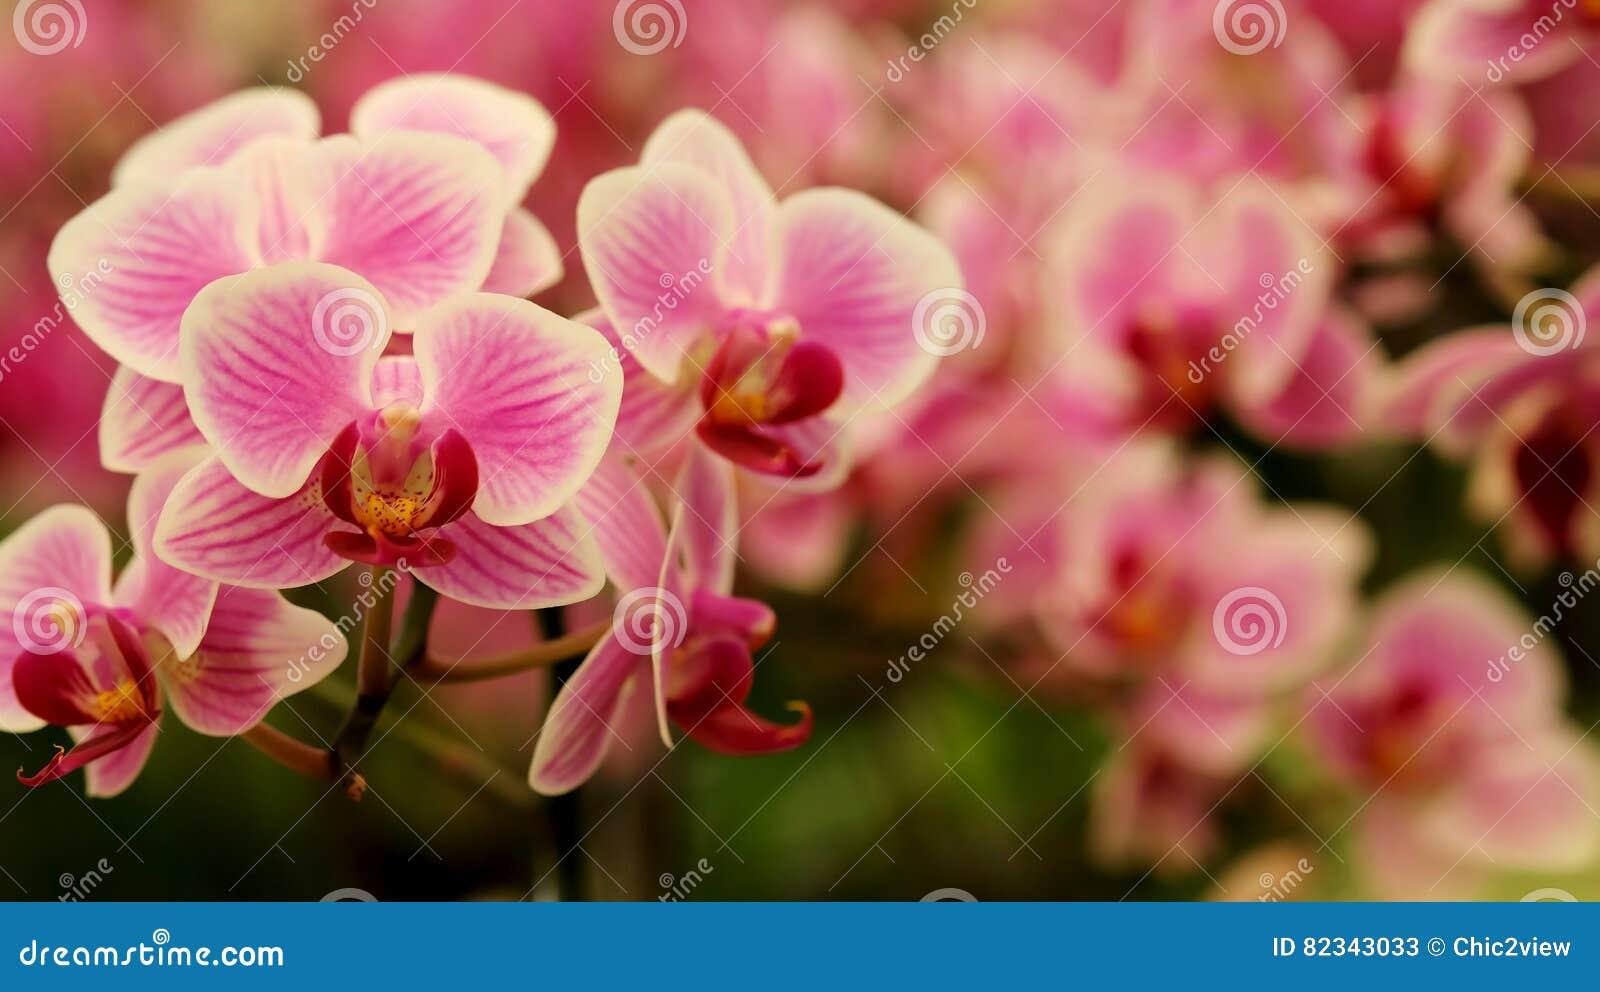 Закройте вверх по зацветая красивой мини розовой орхидее ` фаленопсиса ` в красочном цветочном саде